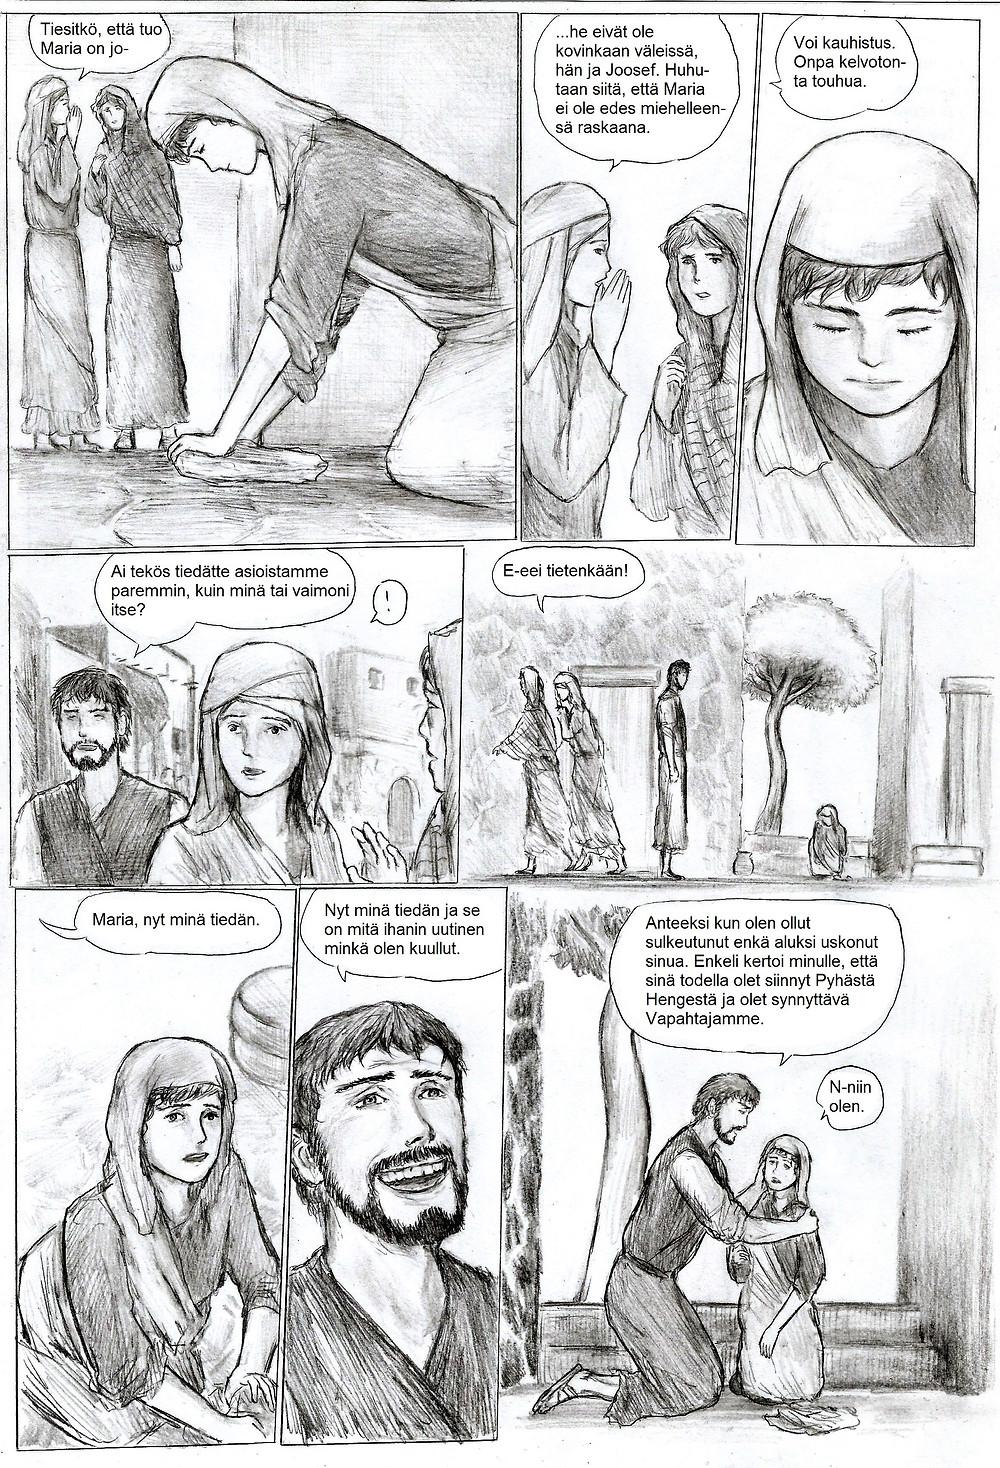 Kaupungilla juorutaan pahaa Marian raskaudesta. Lopulta Joosef rientää puolustamaan kihlattuaan Mariaa. Joosef kertoo nyt uskovansa Mariaa enkelin ilmoituksen ansiosta.